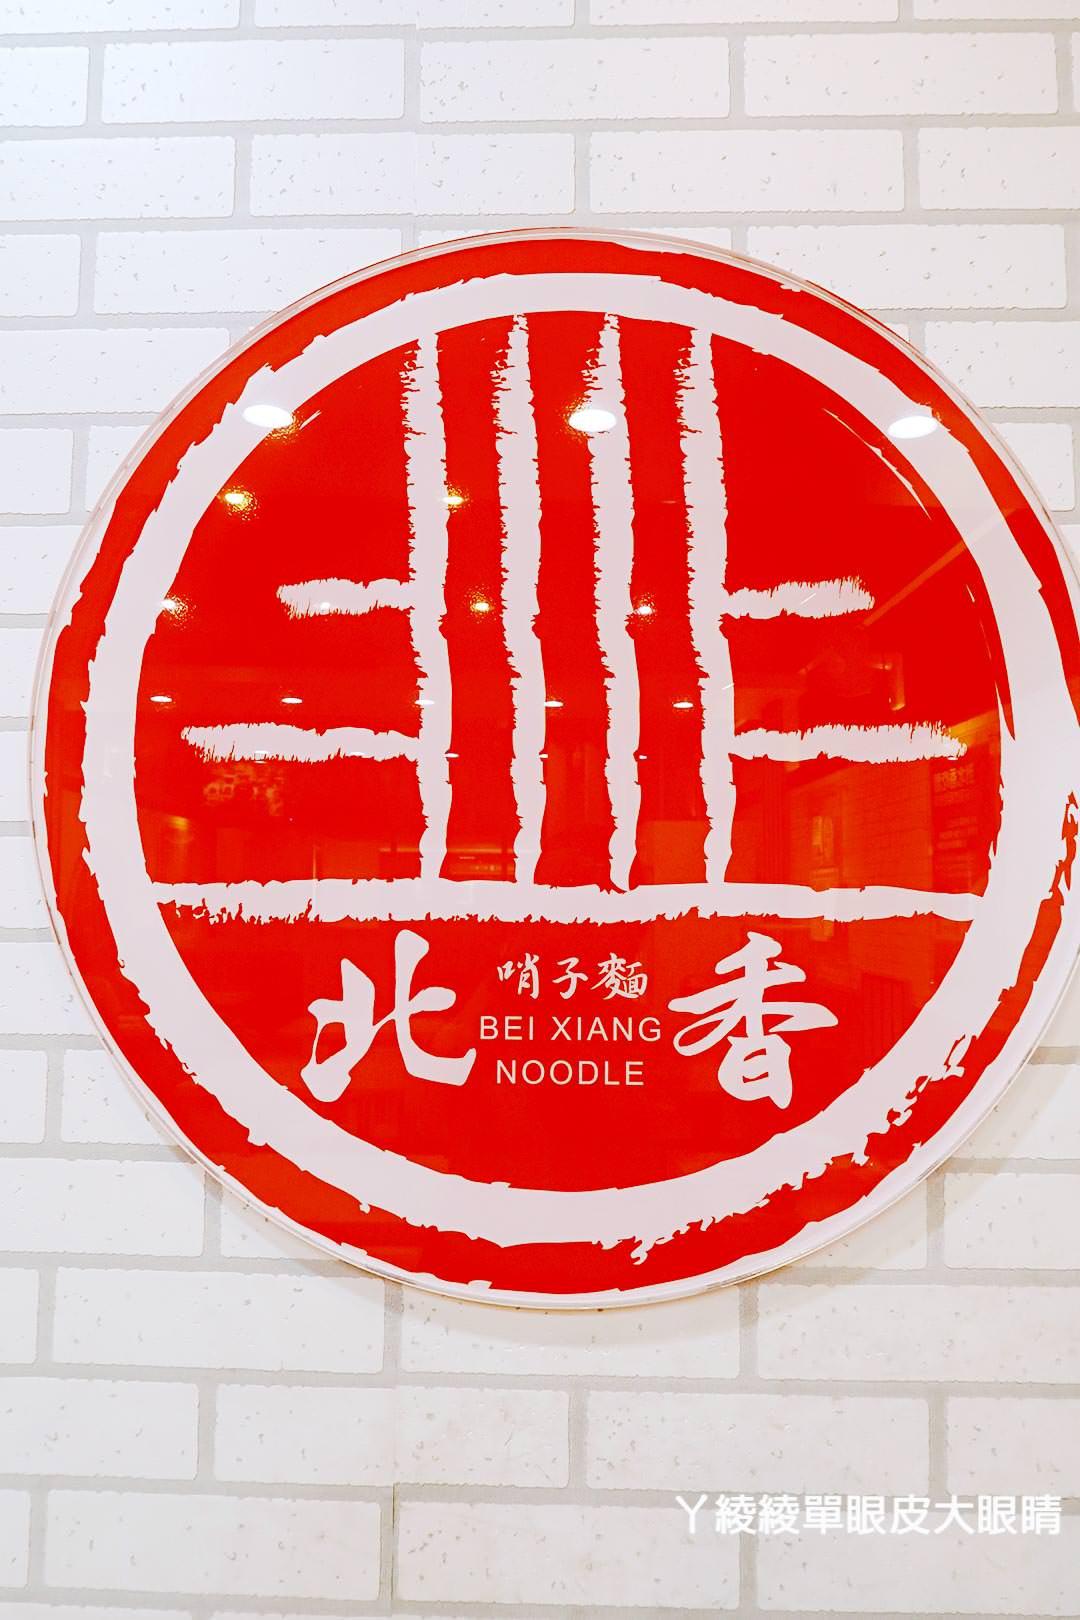 新竹好吃麵店推薦!北香哨子麵